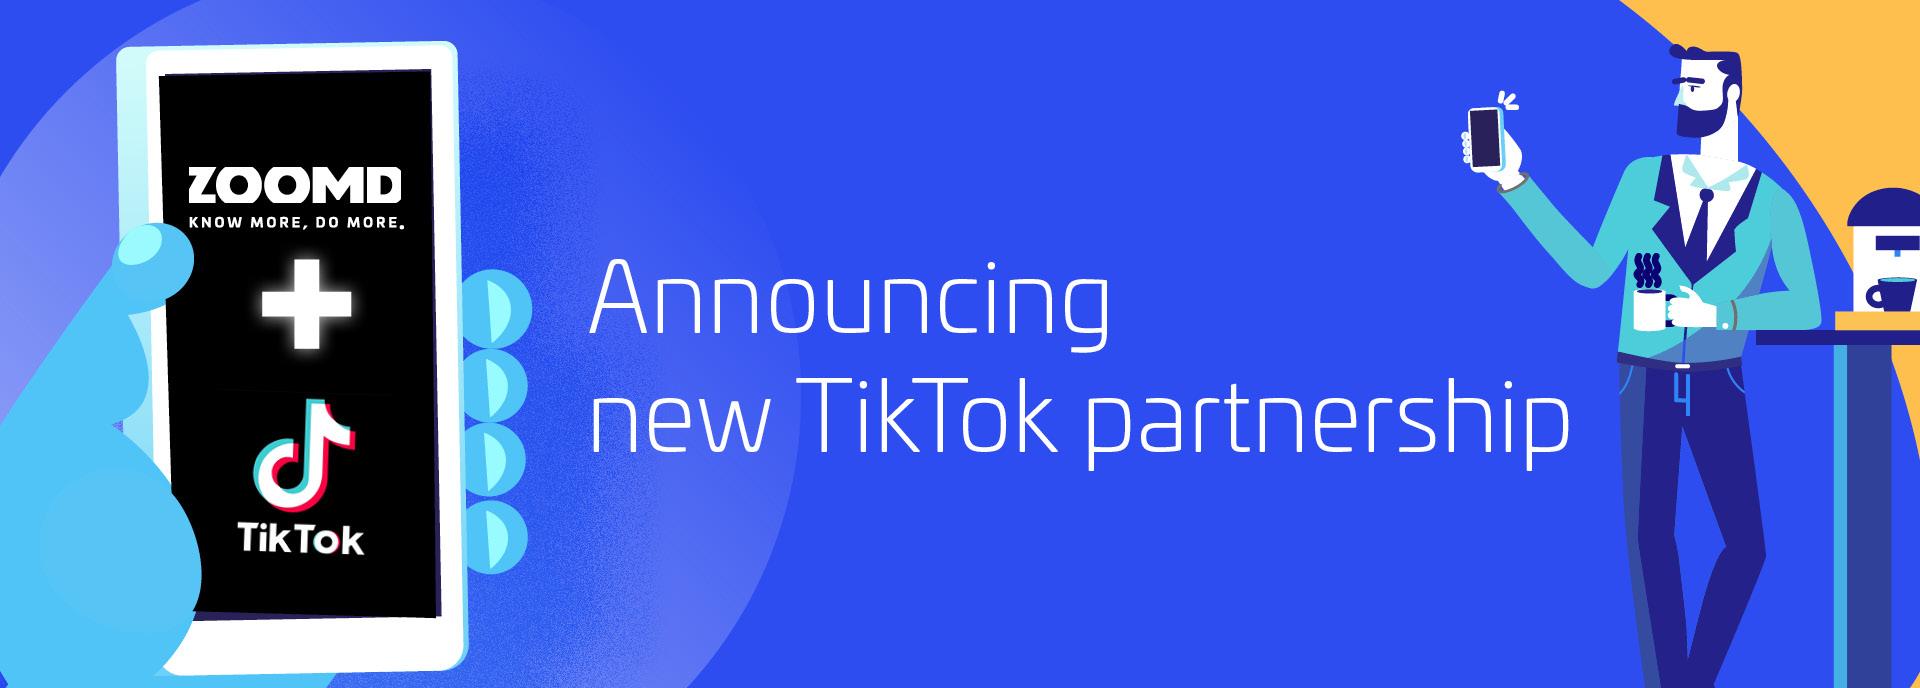 Zoomd Blog- TikTok Partnership